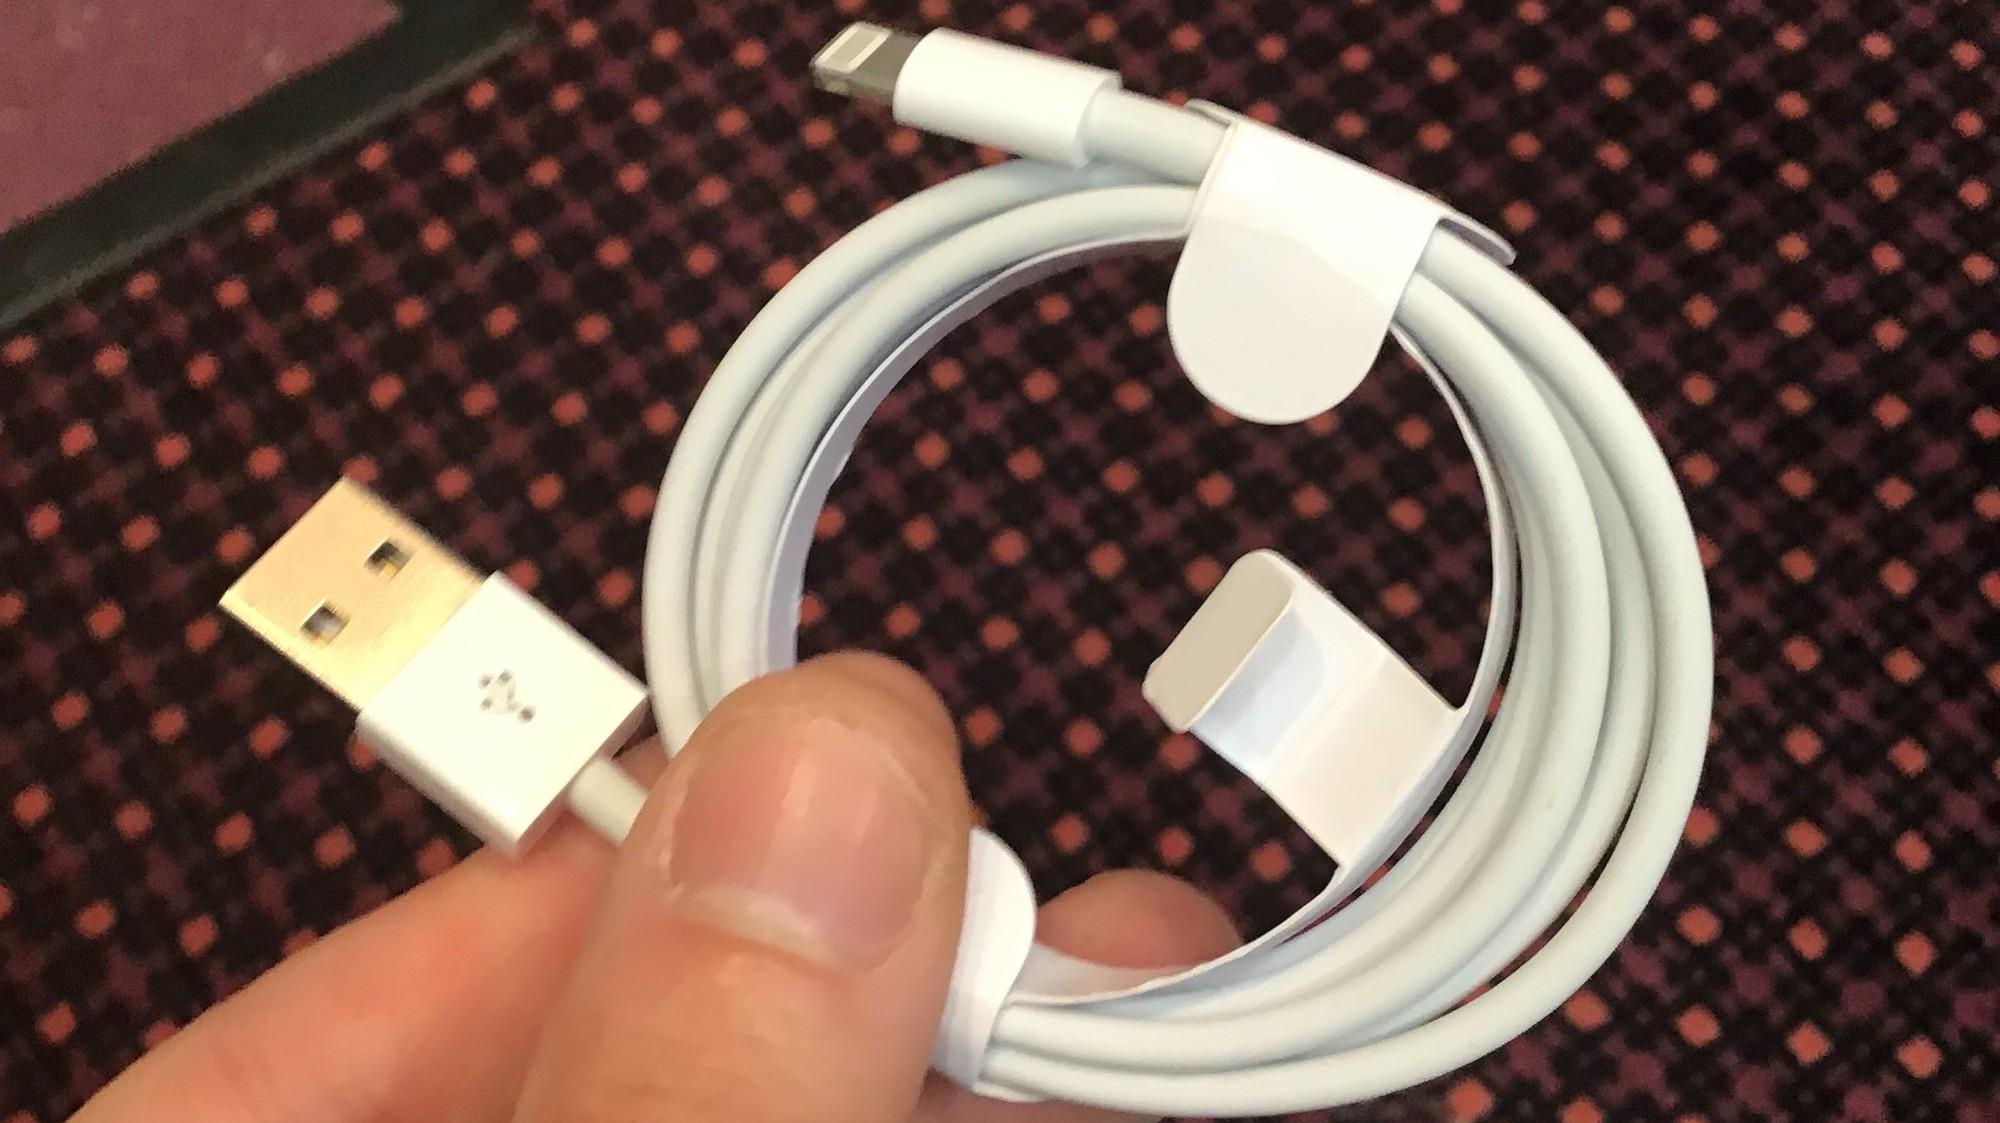 Falešný Lightning kabel je k nerozeznání od pravého